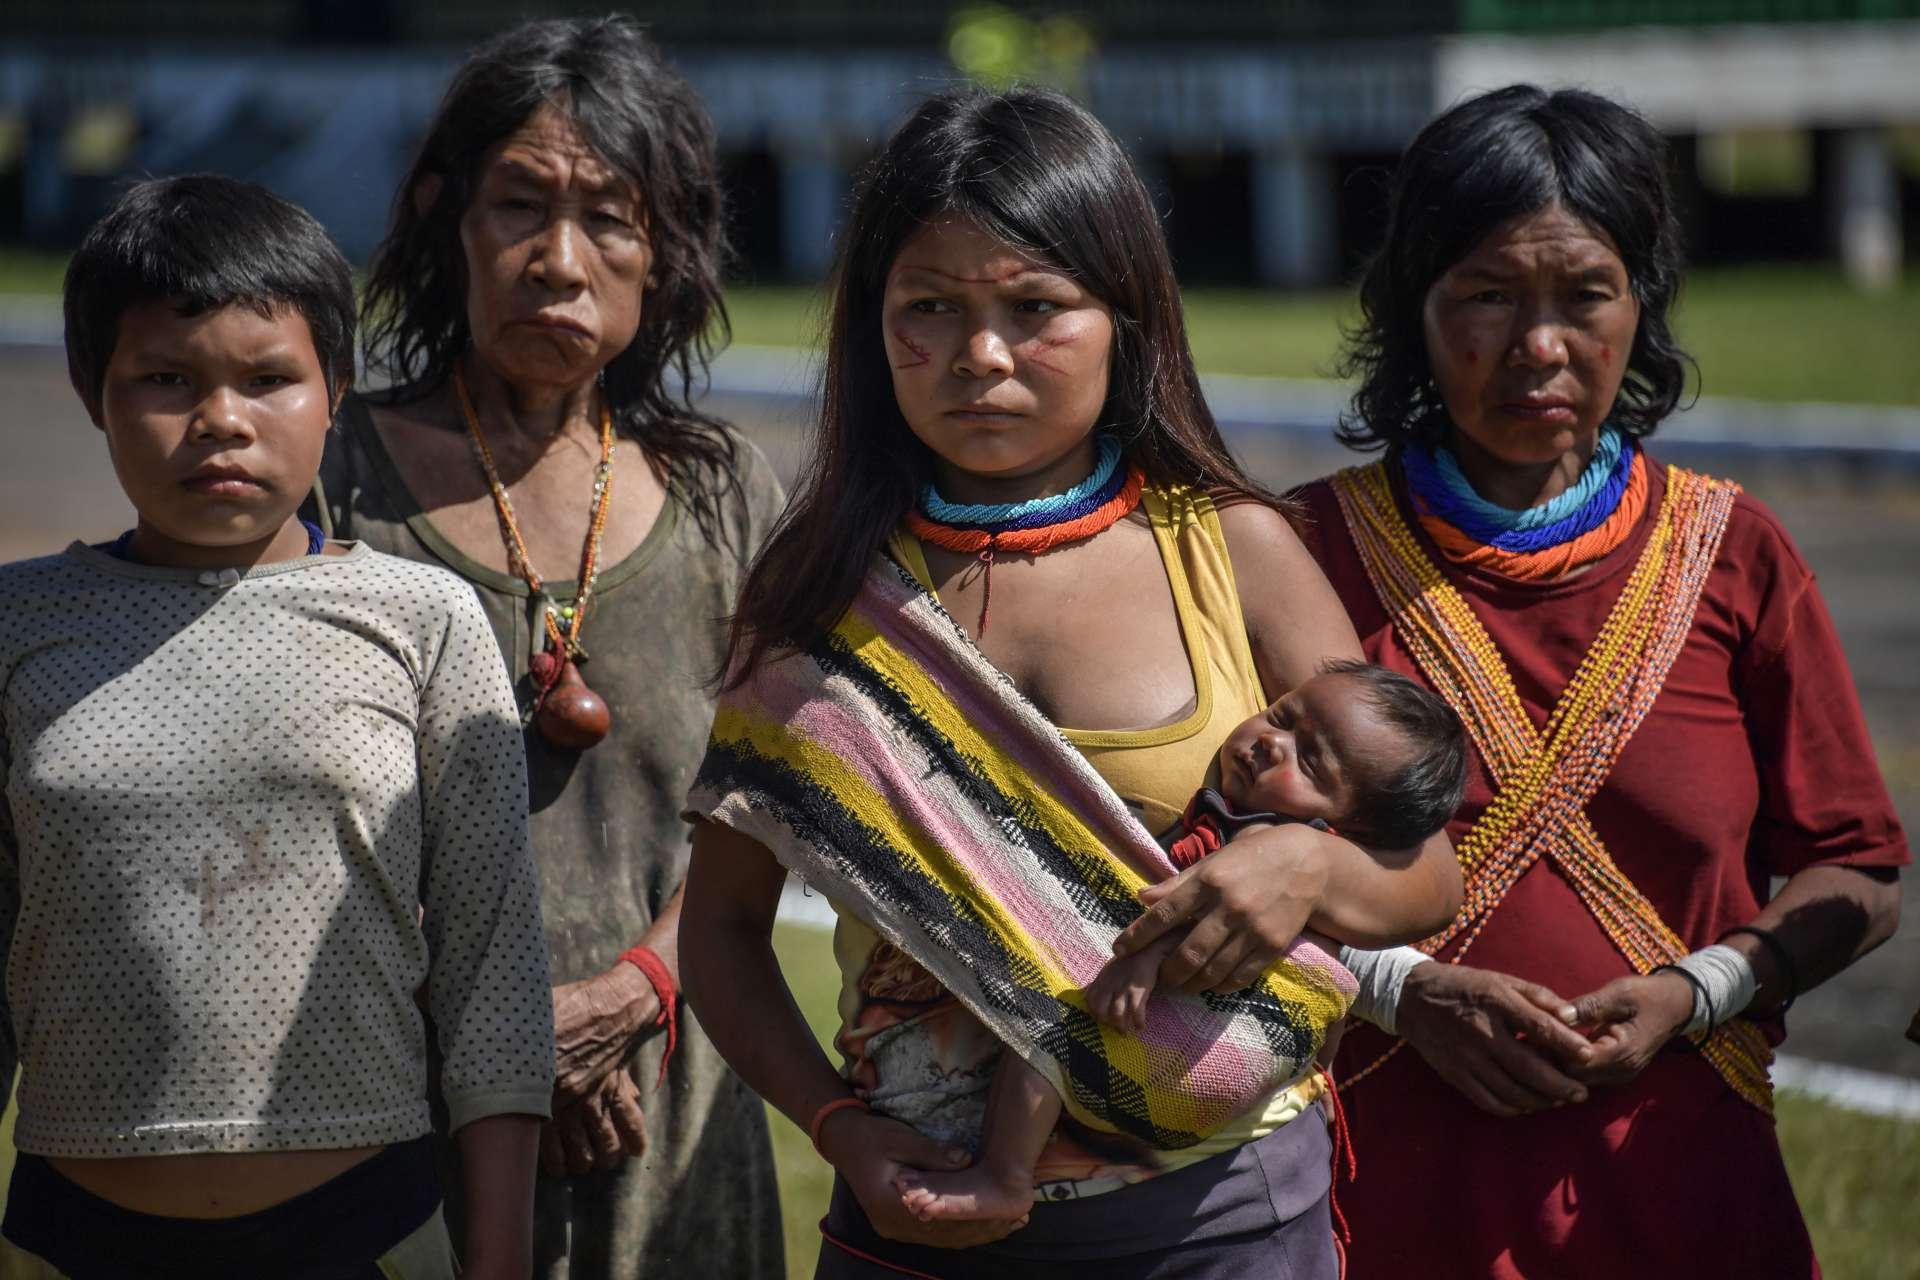 Roraima, em 30 de junho de 2020, Membros do grupo étnico Yanomami indígena são vistos no 5º Pelotão da Fronteira Especial em Auari, em meio à nova pandemia de coronavírus COVID-19. (Foto de NELSON ALMEIDA / AFP)